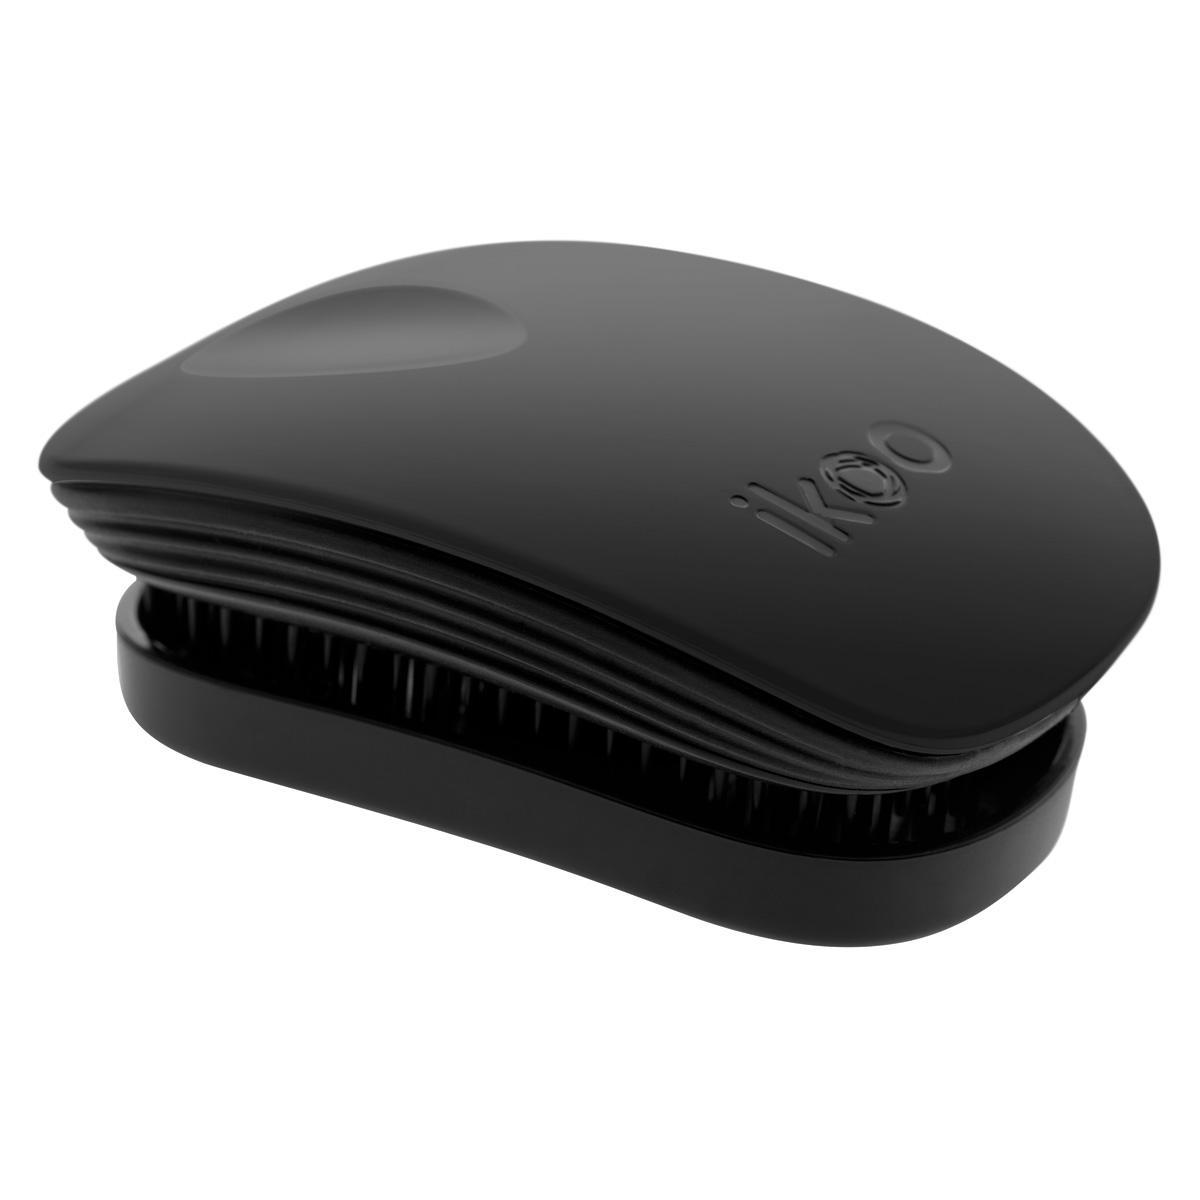 Ikoo Расческа-детанглер Pocket Classic Black90030ikoo Pocket – расческа для тех, кто всегда в движении Если Вы не хотите упускать шанс всегда иметь под рукой удобную расческу, а также оставить позади секущиеся концы и поврежденные волосы, то карманная версия расчески iKoo – то, что Вам нужно! «Младшая сестра» ikoo Pocket обладает всеми качествами оригинальной версии, а также имеет удобную крышку, которая предохранит расческу от загрязнений, а Вашу сумку – от попадания волос. Ikoo – это расческа-детанглер, которая: - придает объем и блеск волосам - массирует кожу головы - позволяет заботиться о волосах даже во время расчесывания и не оставляет шанса секущимся кончикам - легко распутывает влажные волосы - распутывает волосы без боли Уникальный подход щетки ikoo — расположение и структура щетинок, которые позволяют не только легко распутывать и расчесывать волосы, но и делать массаж головы в соответствии с принципами традиционной китайской медицины. Щетинки стимулируют энергетические меридианы и рефлексогенные зоны, что также...